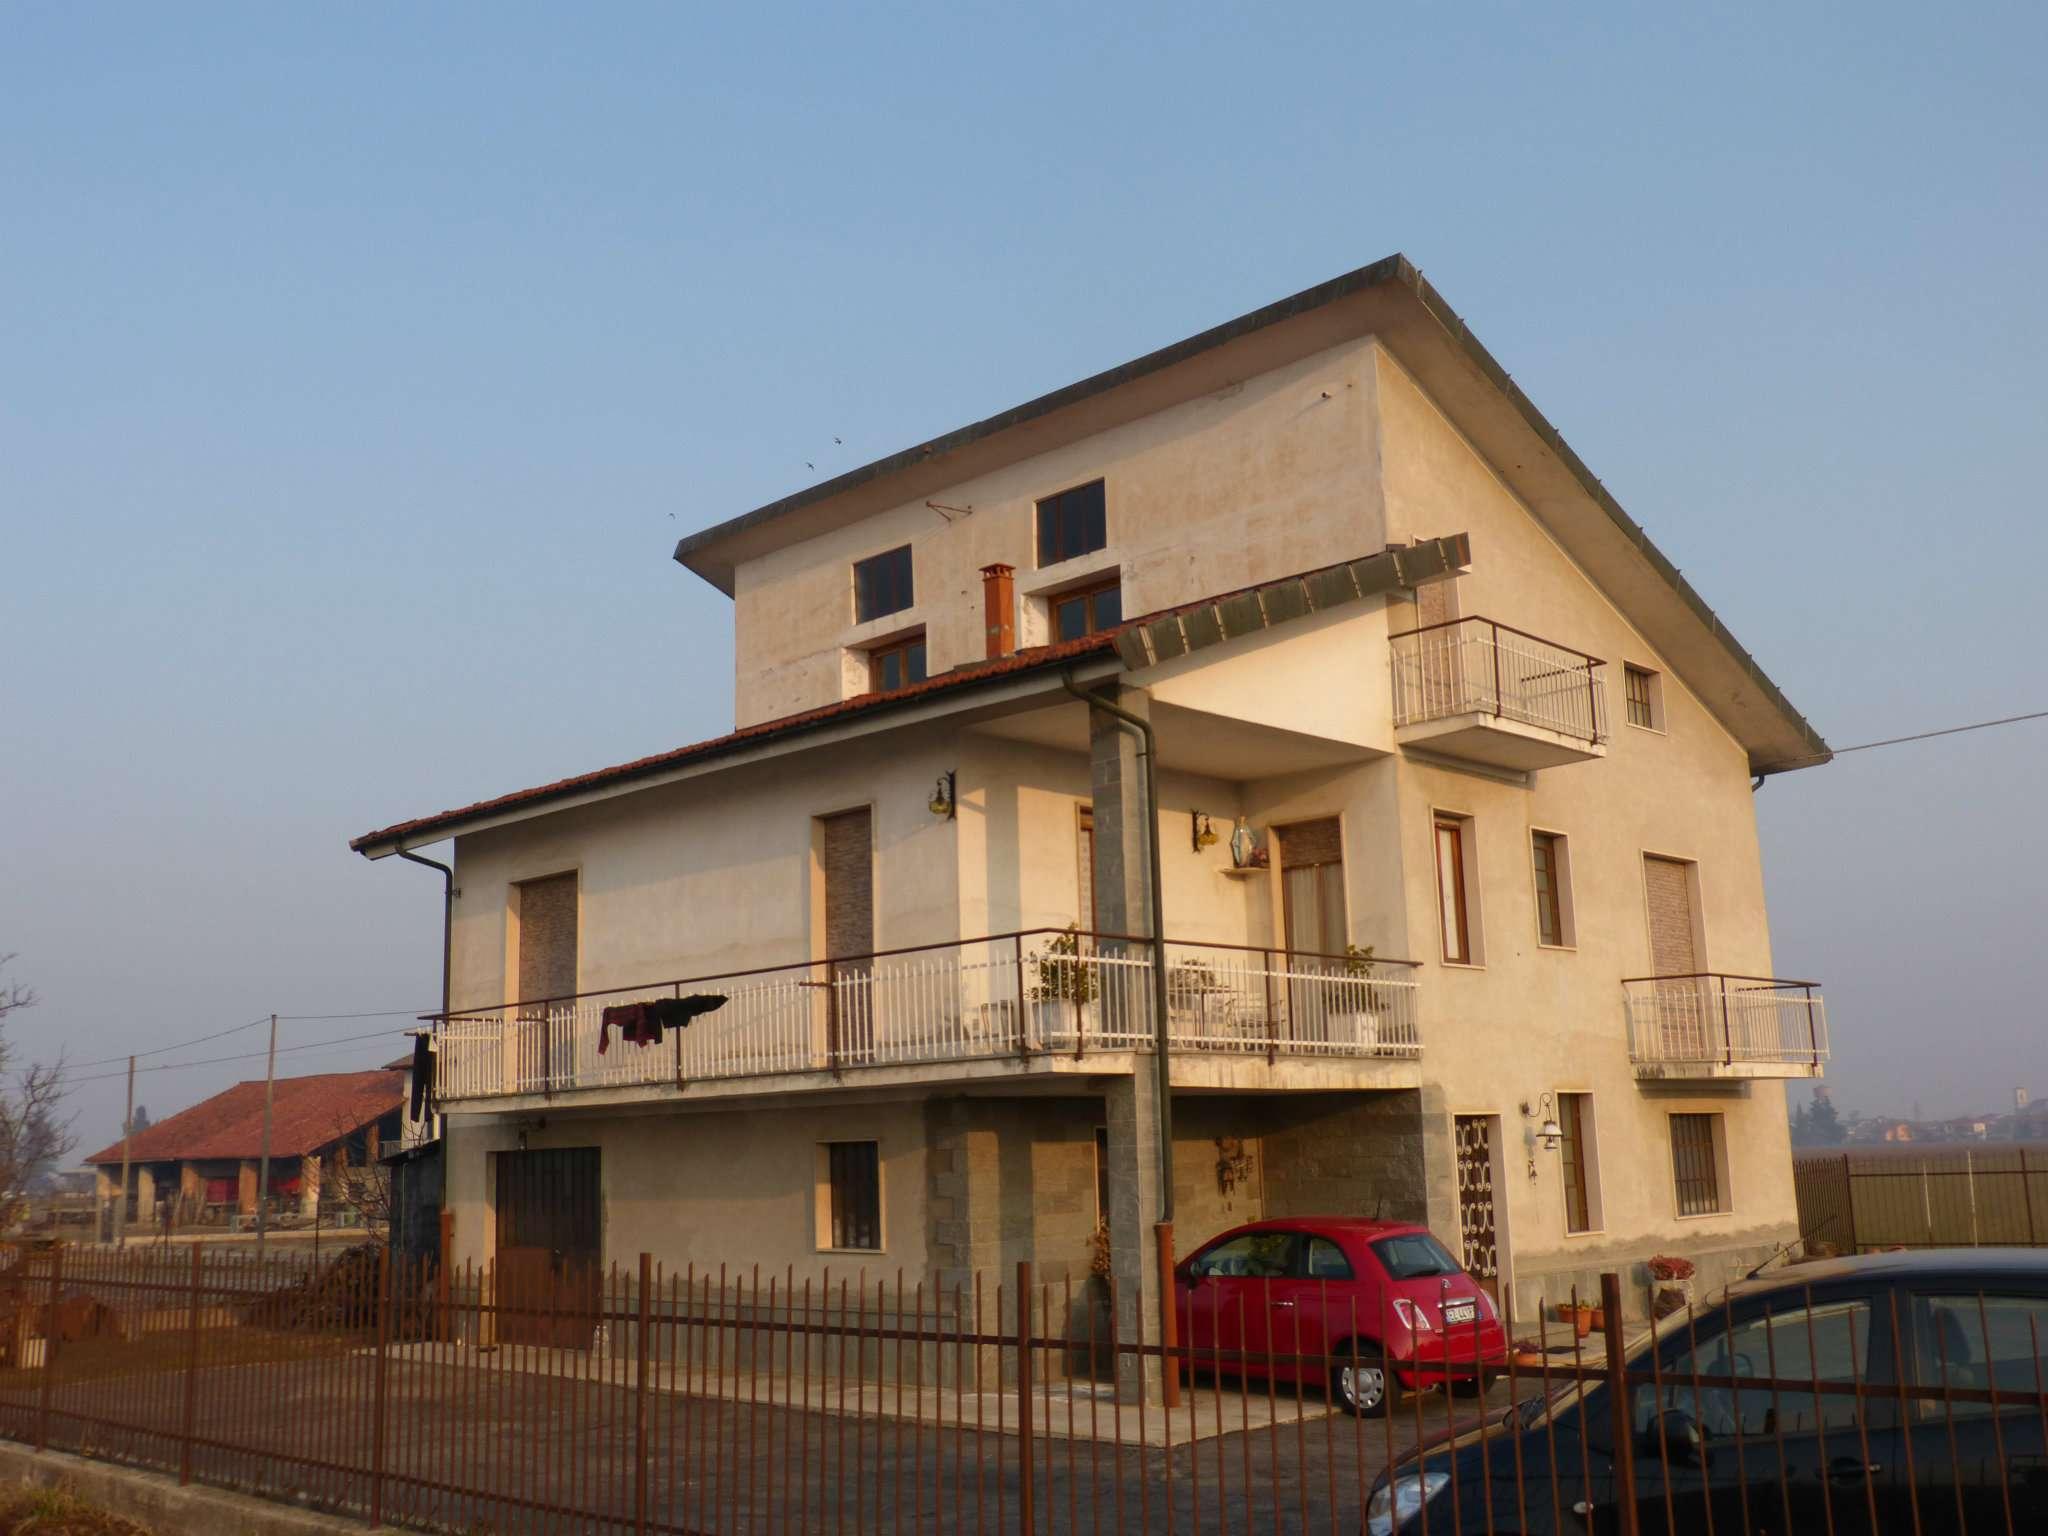 Soluzione Indipendente in vendita a Sant'Albano Stura, 5 locali, prezzo € 140.000 | CambioCasa.it